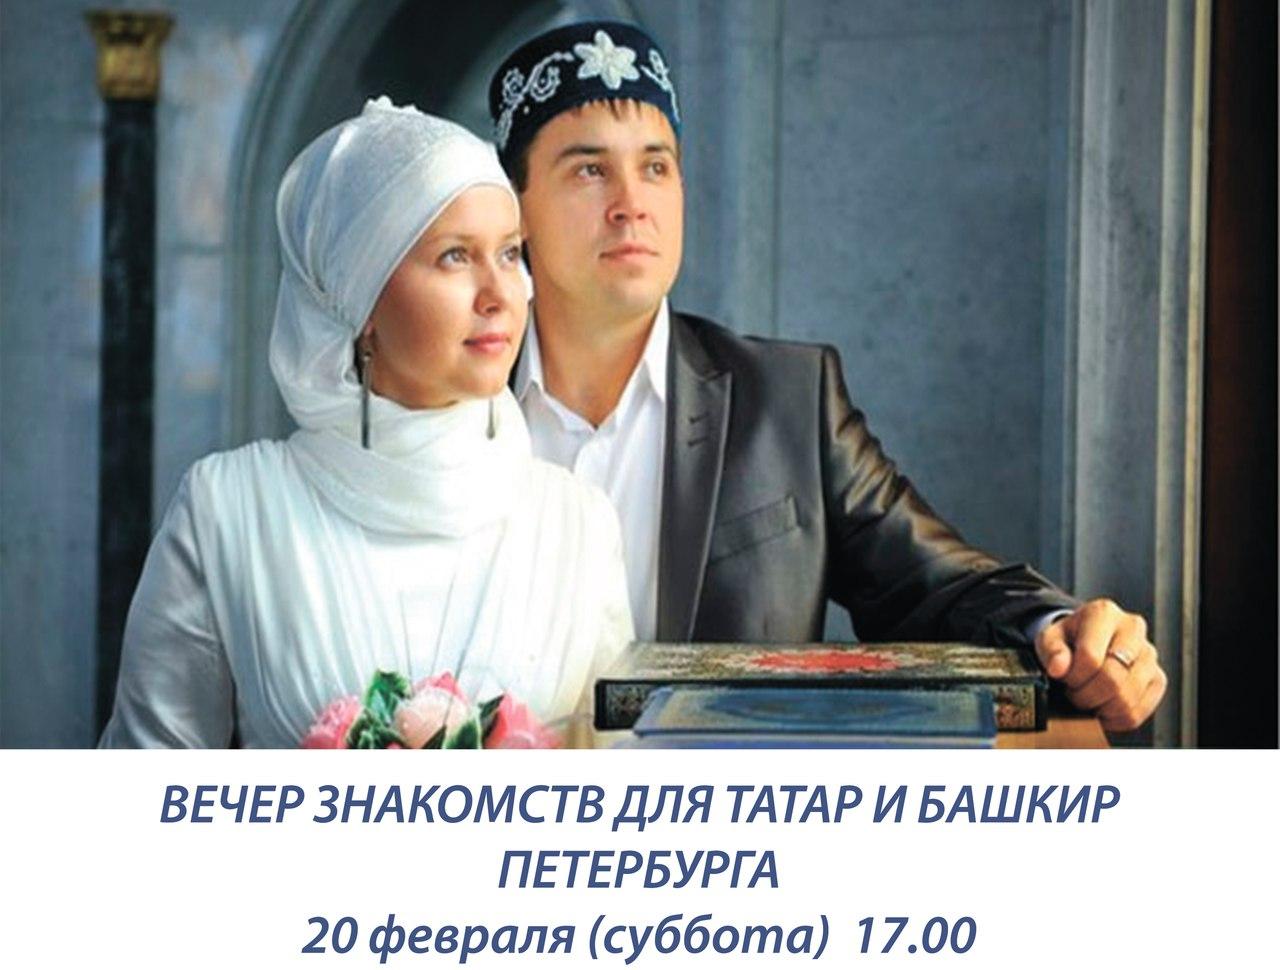 Знакомства для татар 2 фотография